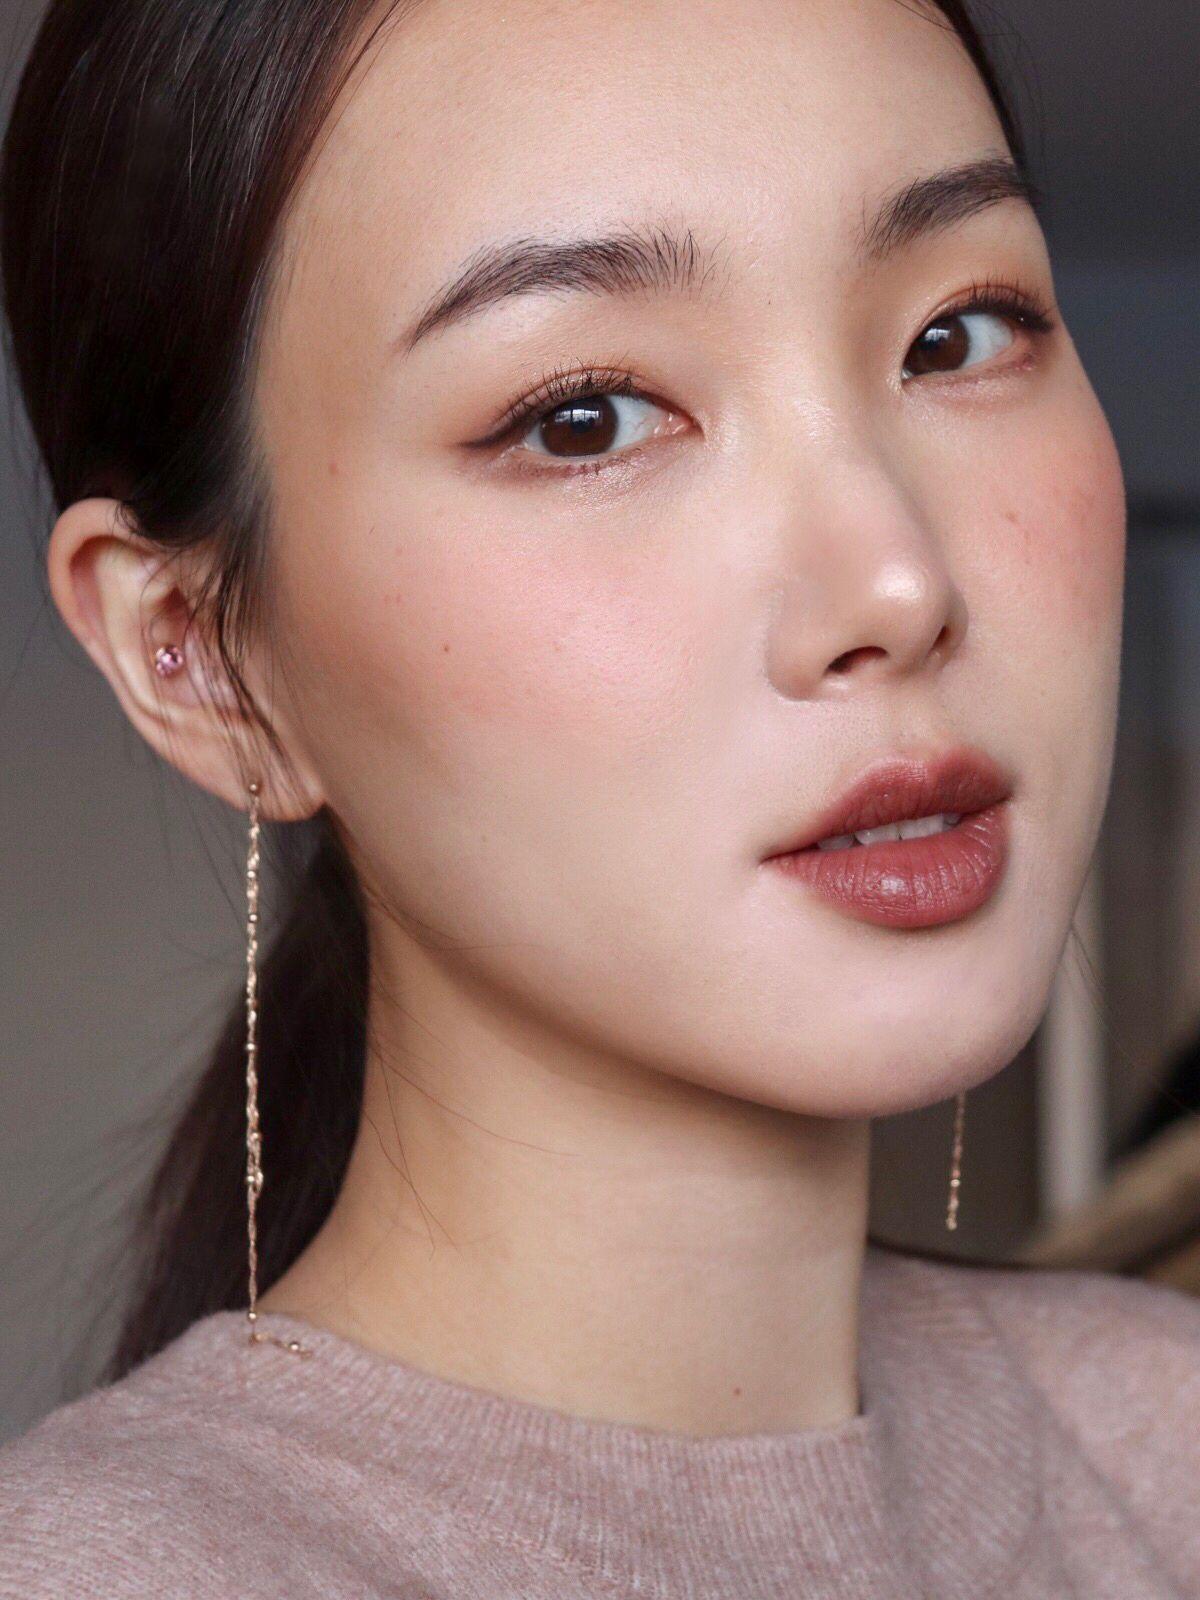 Skin Care Tips For Beautiful Skin Korean makeup look